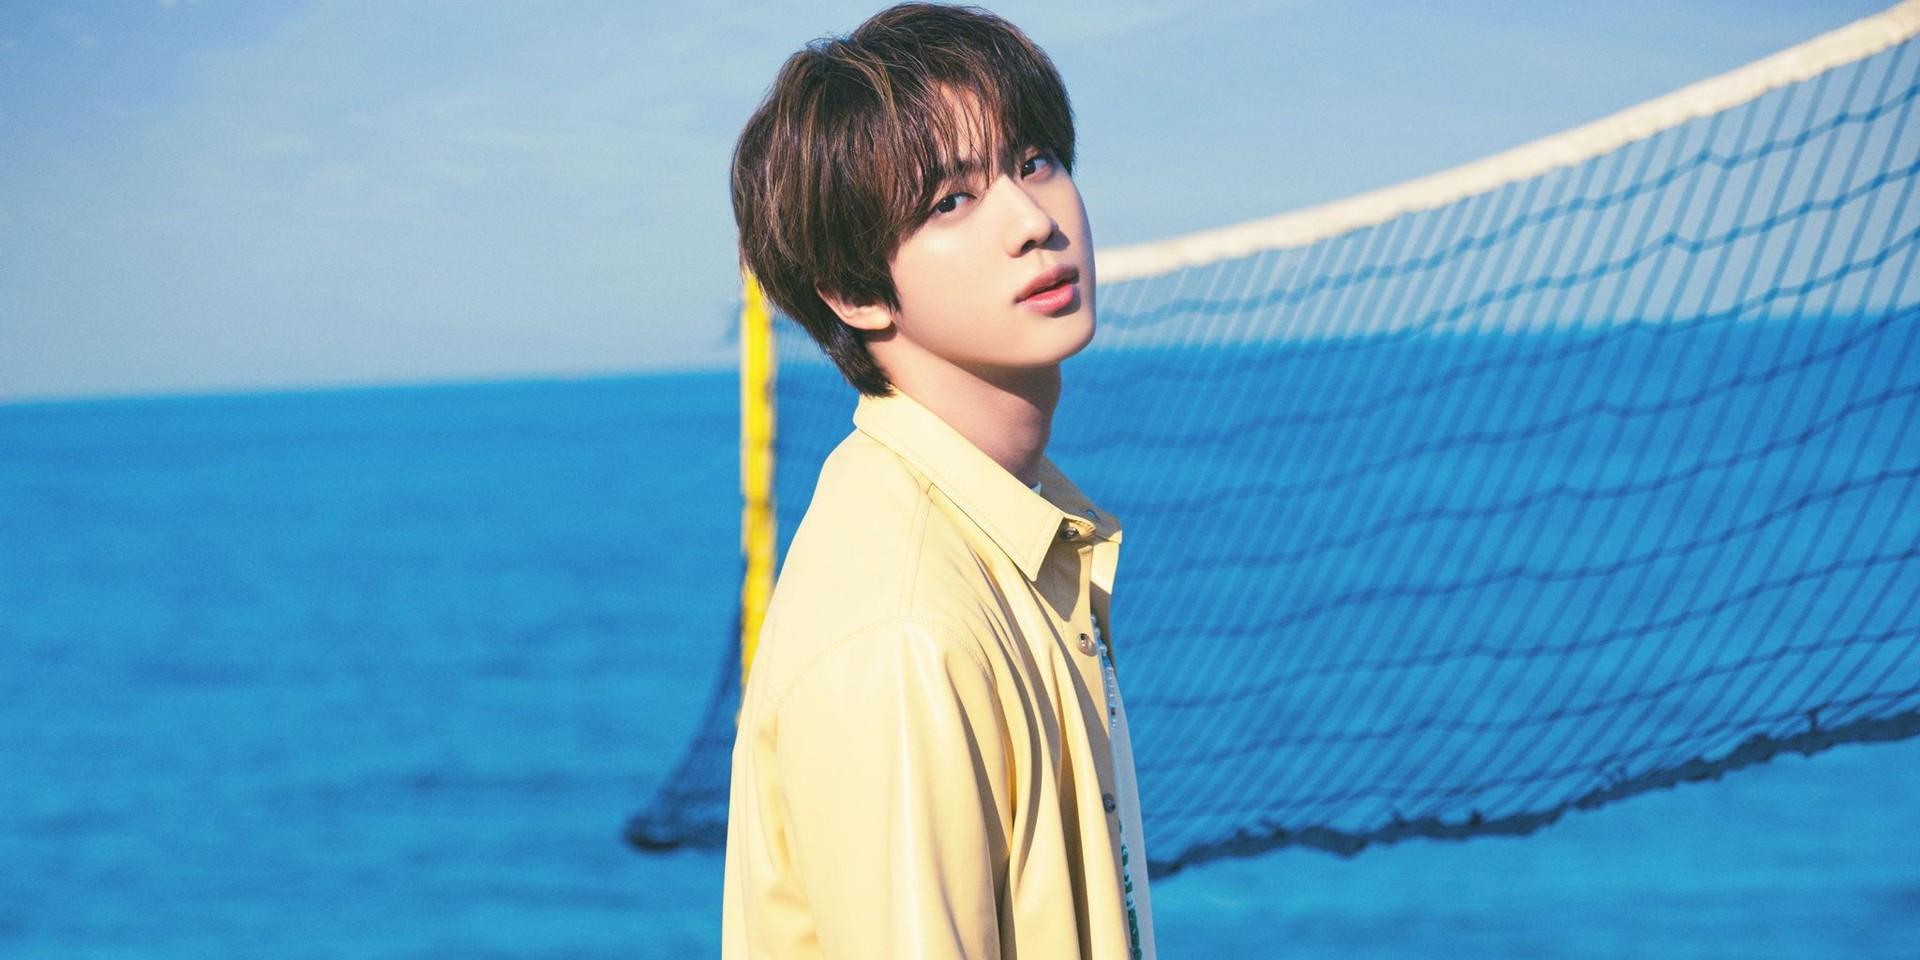 BTS' Jin to sing main theme song of upcoming K-drama, 'Jirisan'